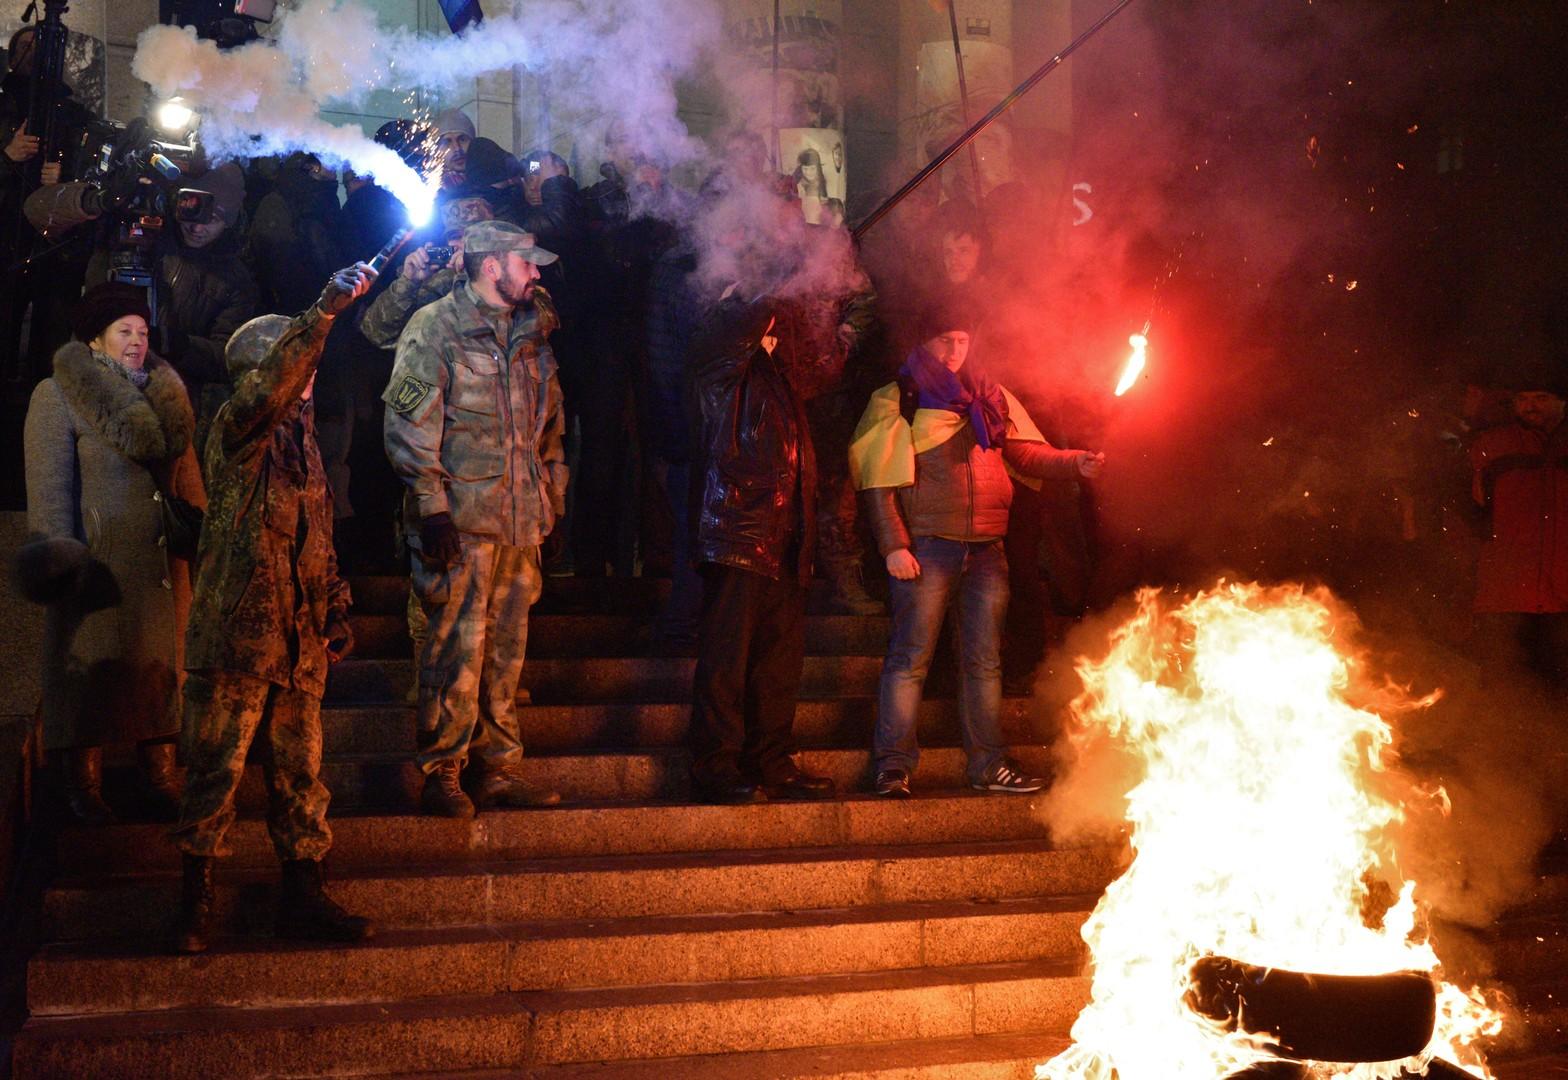 Pneus brûlés et vandalisme : comment Kiev a «célébré» le 3e anniversaire de Maïdan